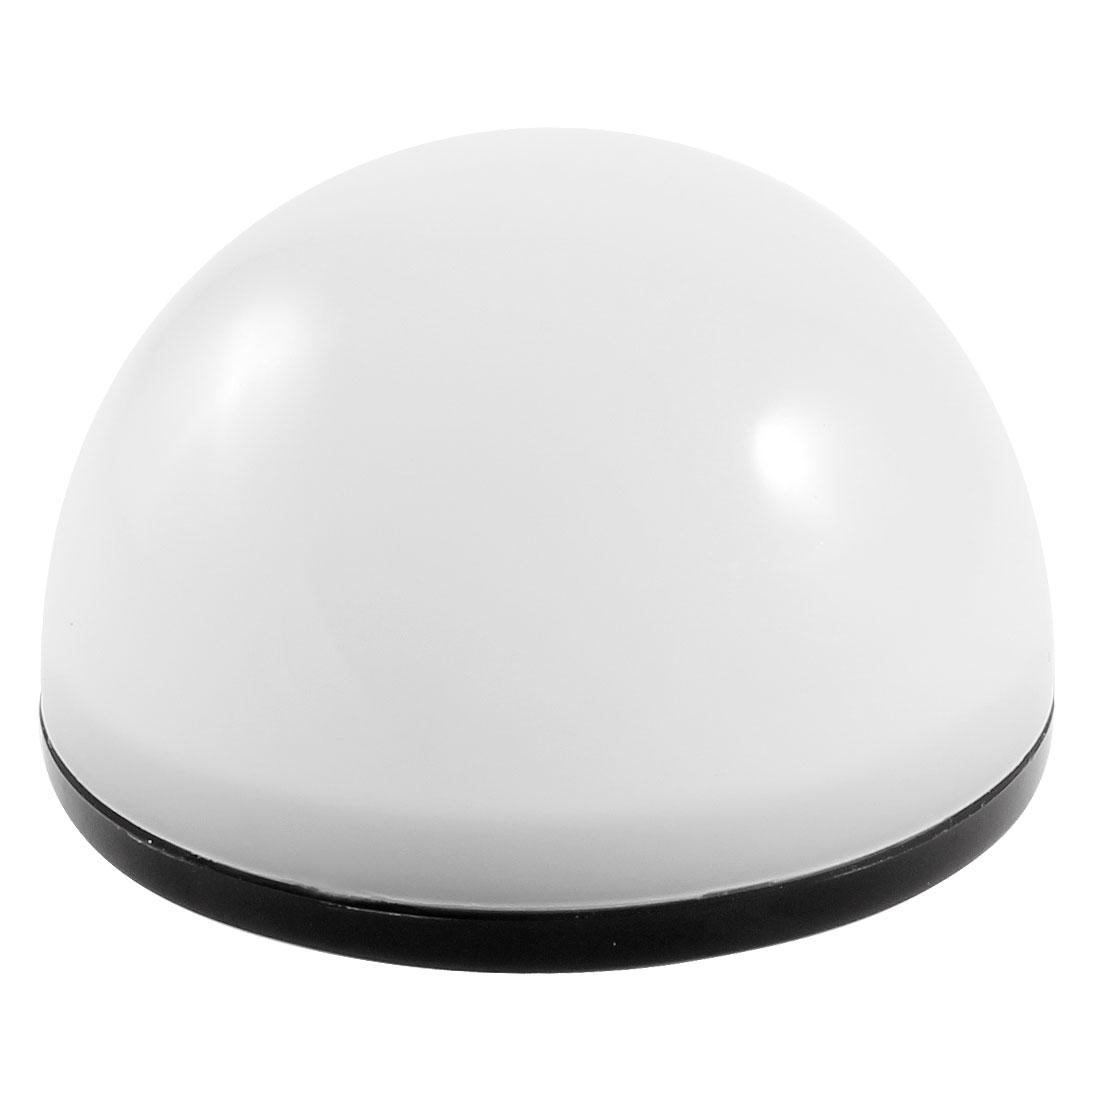 55mm Diameter Handy Computer Laptop White Light USB 2.0 Port LED Lamp